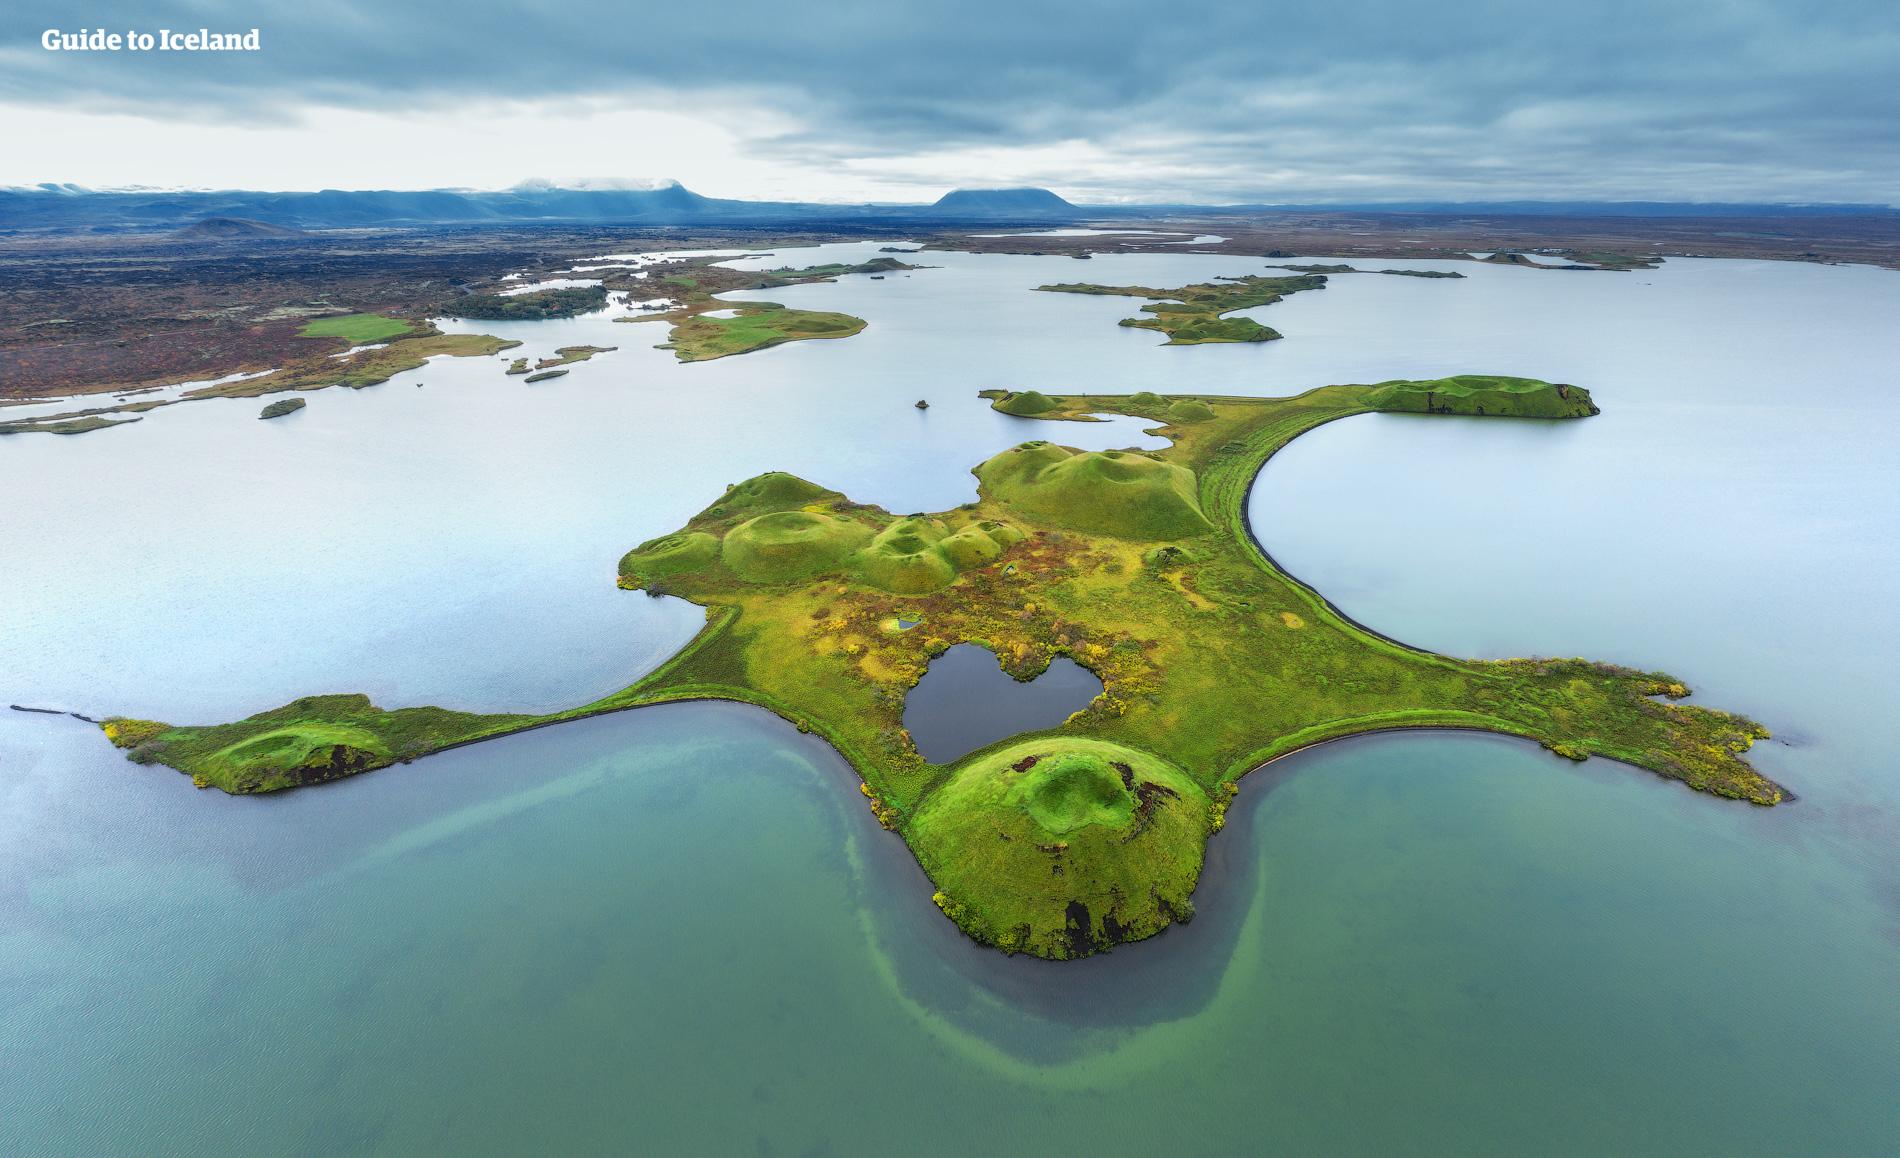 冰岛北部米湖温泉的胜景